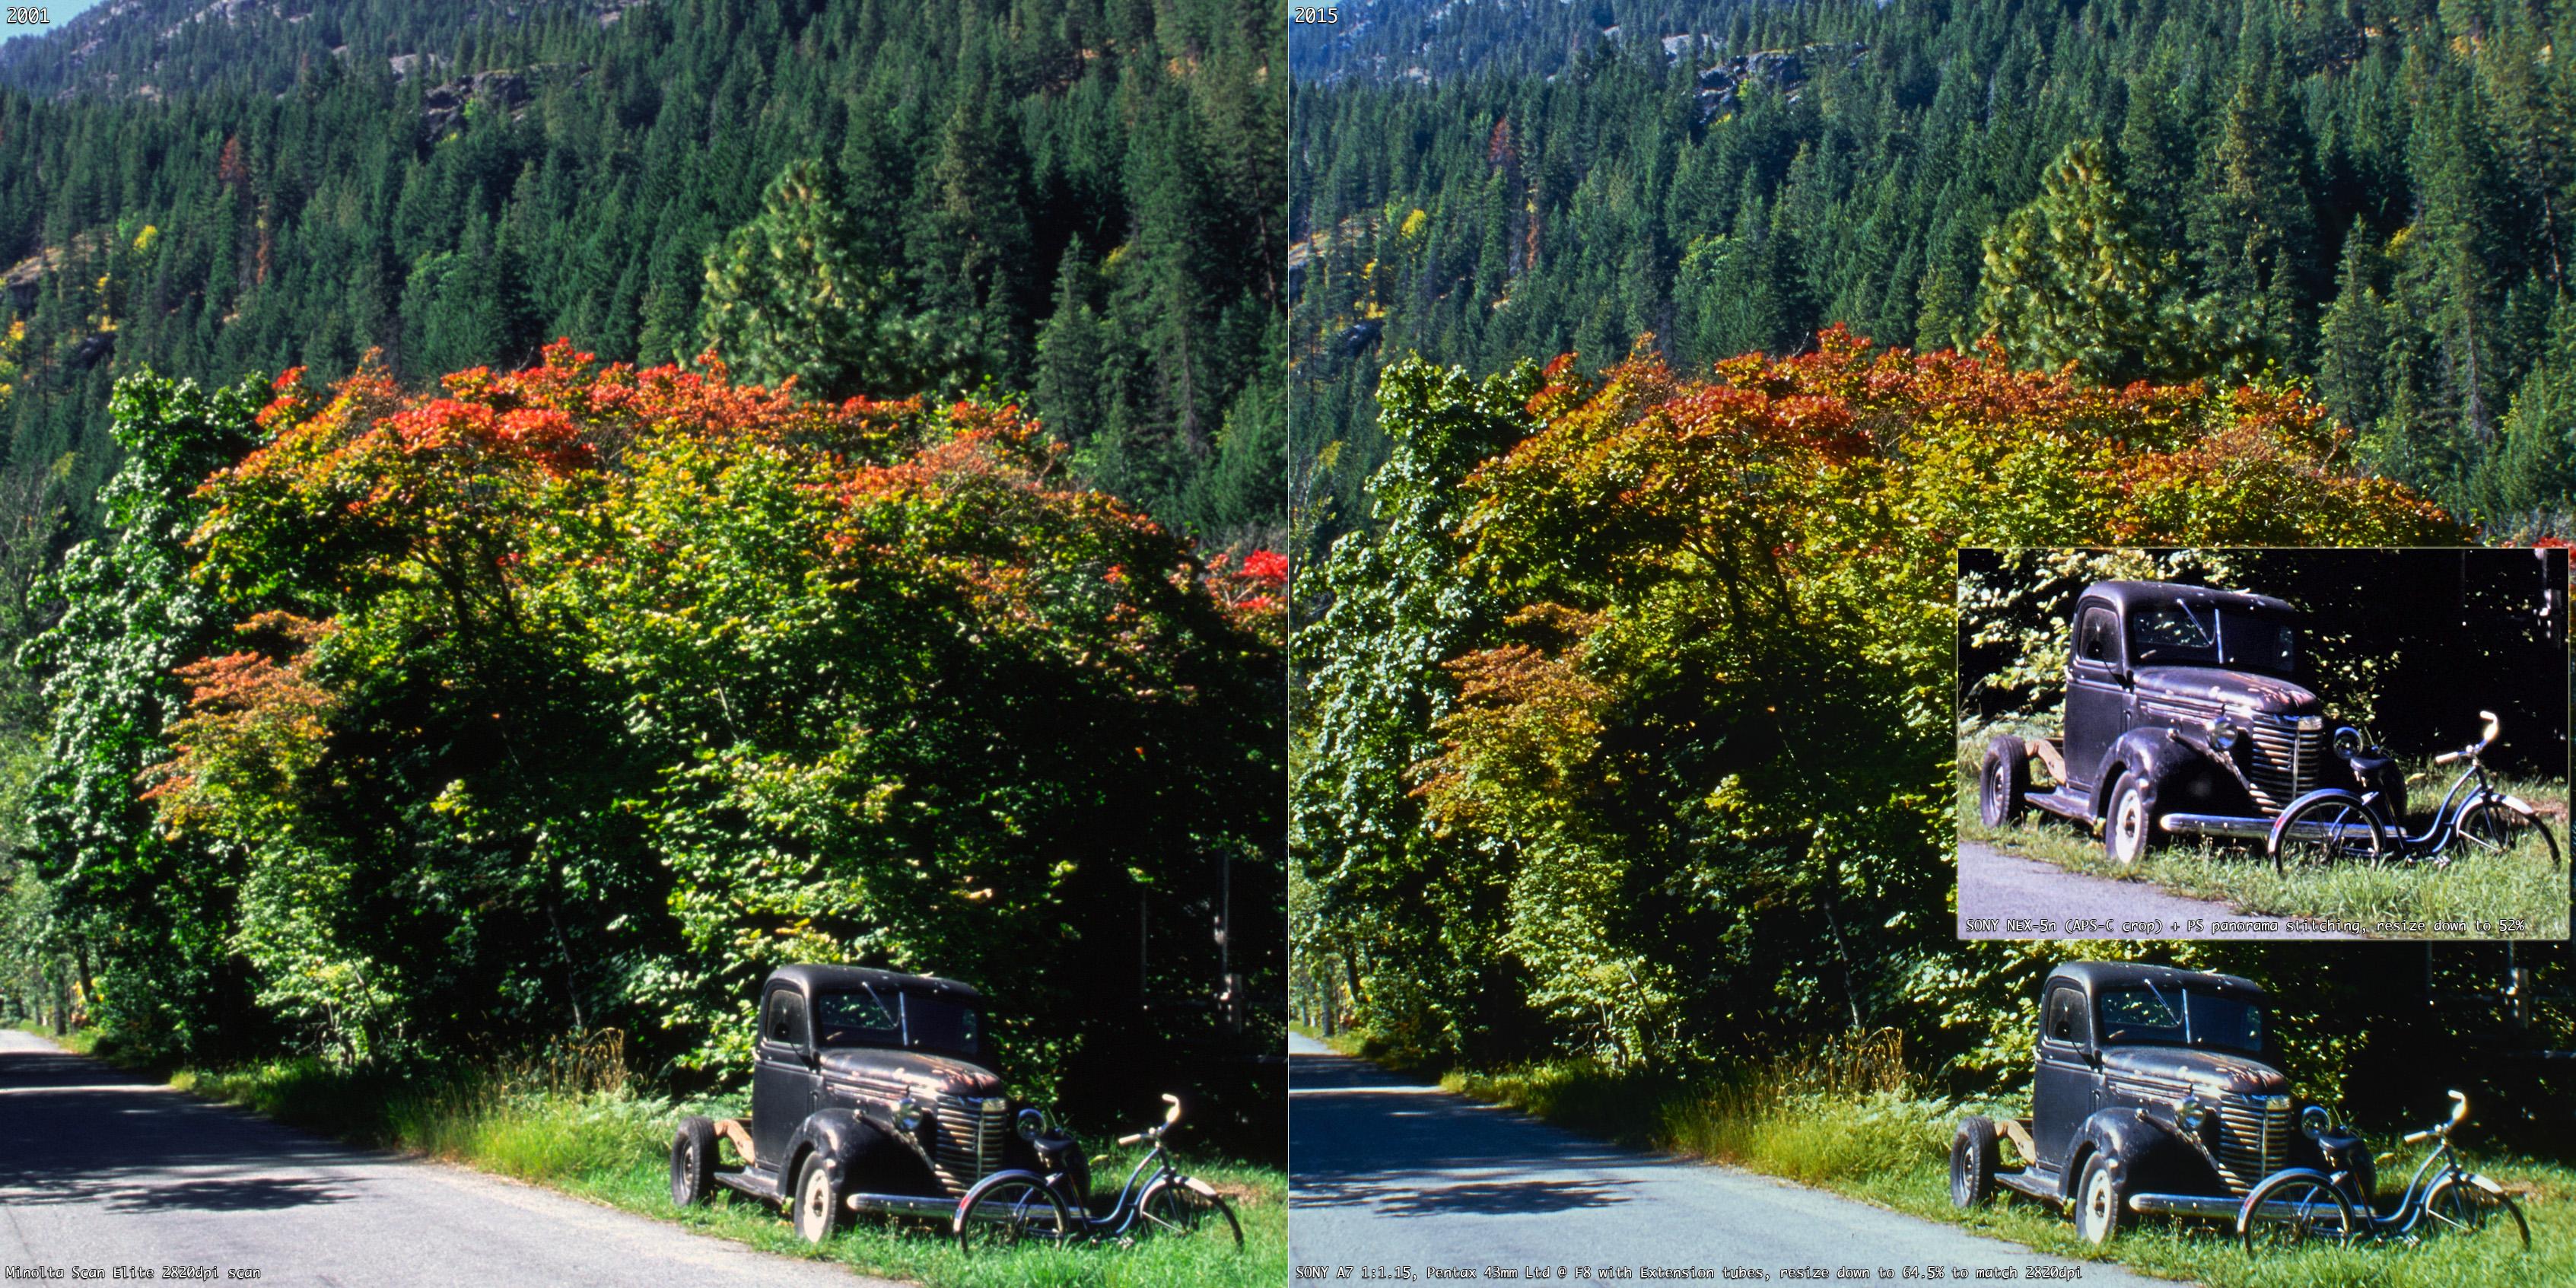 數位相機翻拍底片與底掃 2820dpi 之間的差異性